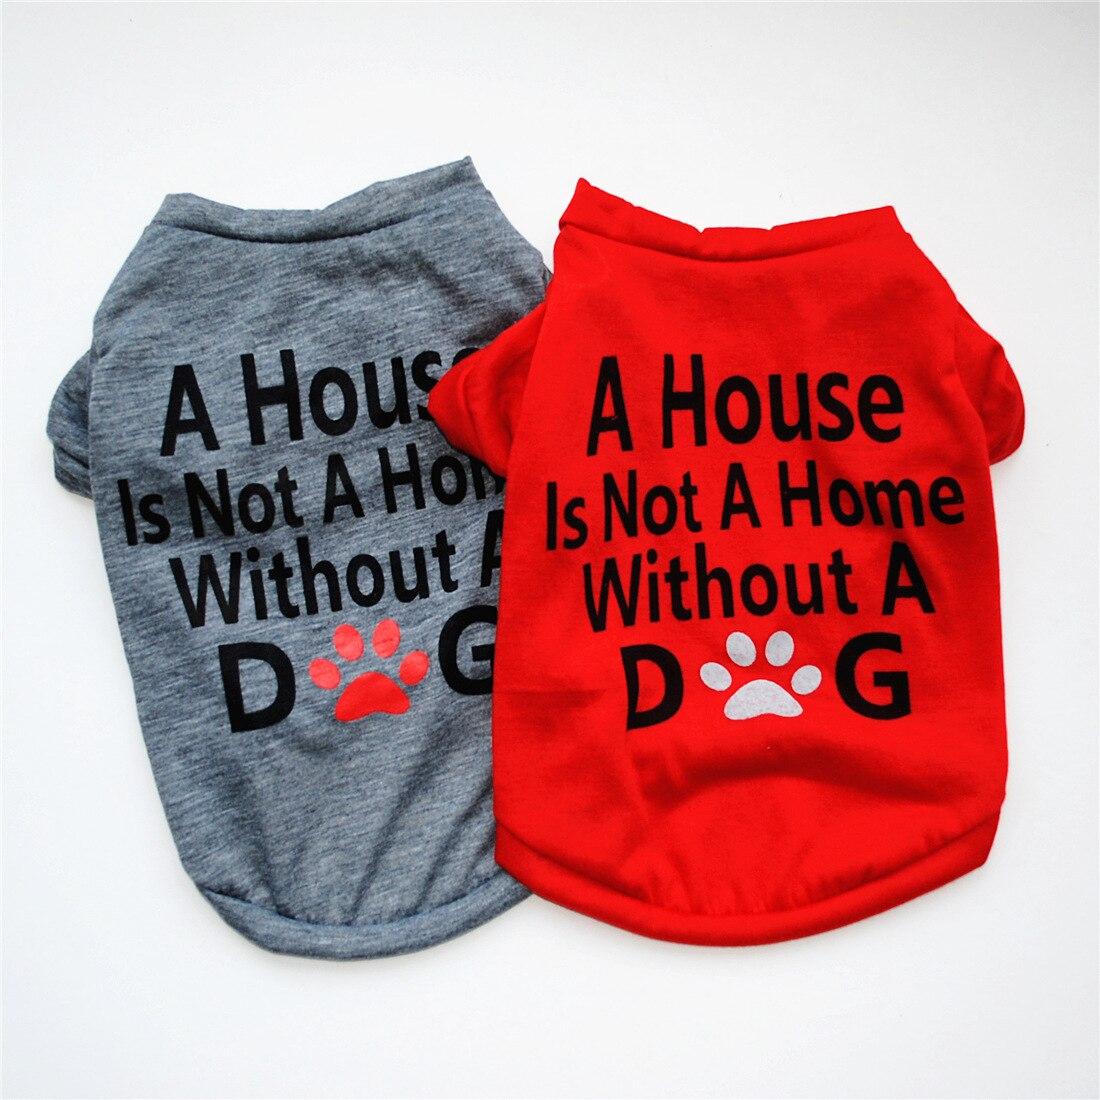 2018 жилетка для собак, одежда для домашних животных, Летняя Повседневная стильная одежда для домашних животных, тонкая футболка для маленькой собаки, мягкая рубашка для собак, одежда для йоркширов чихуахуа